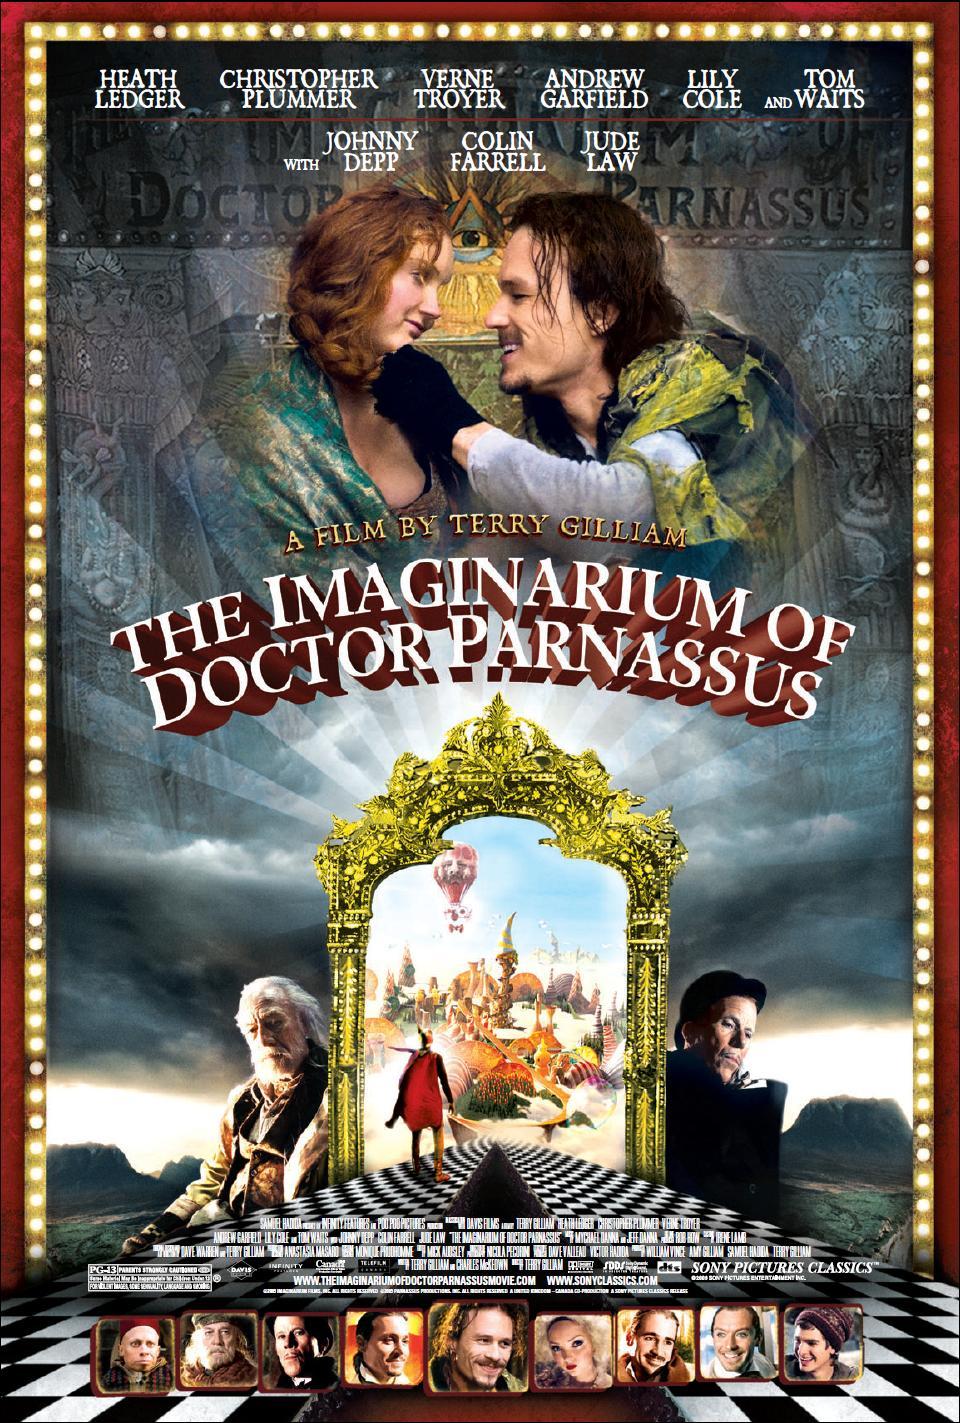 Doctor Parnassus